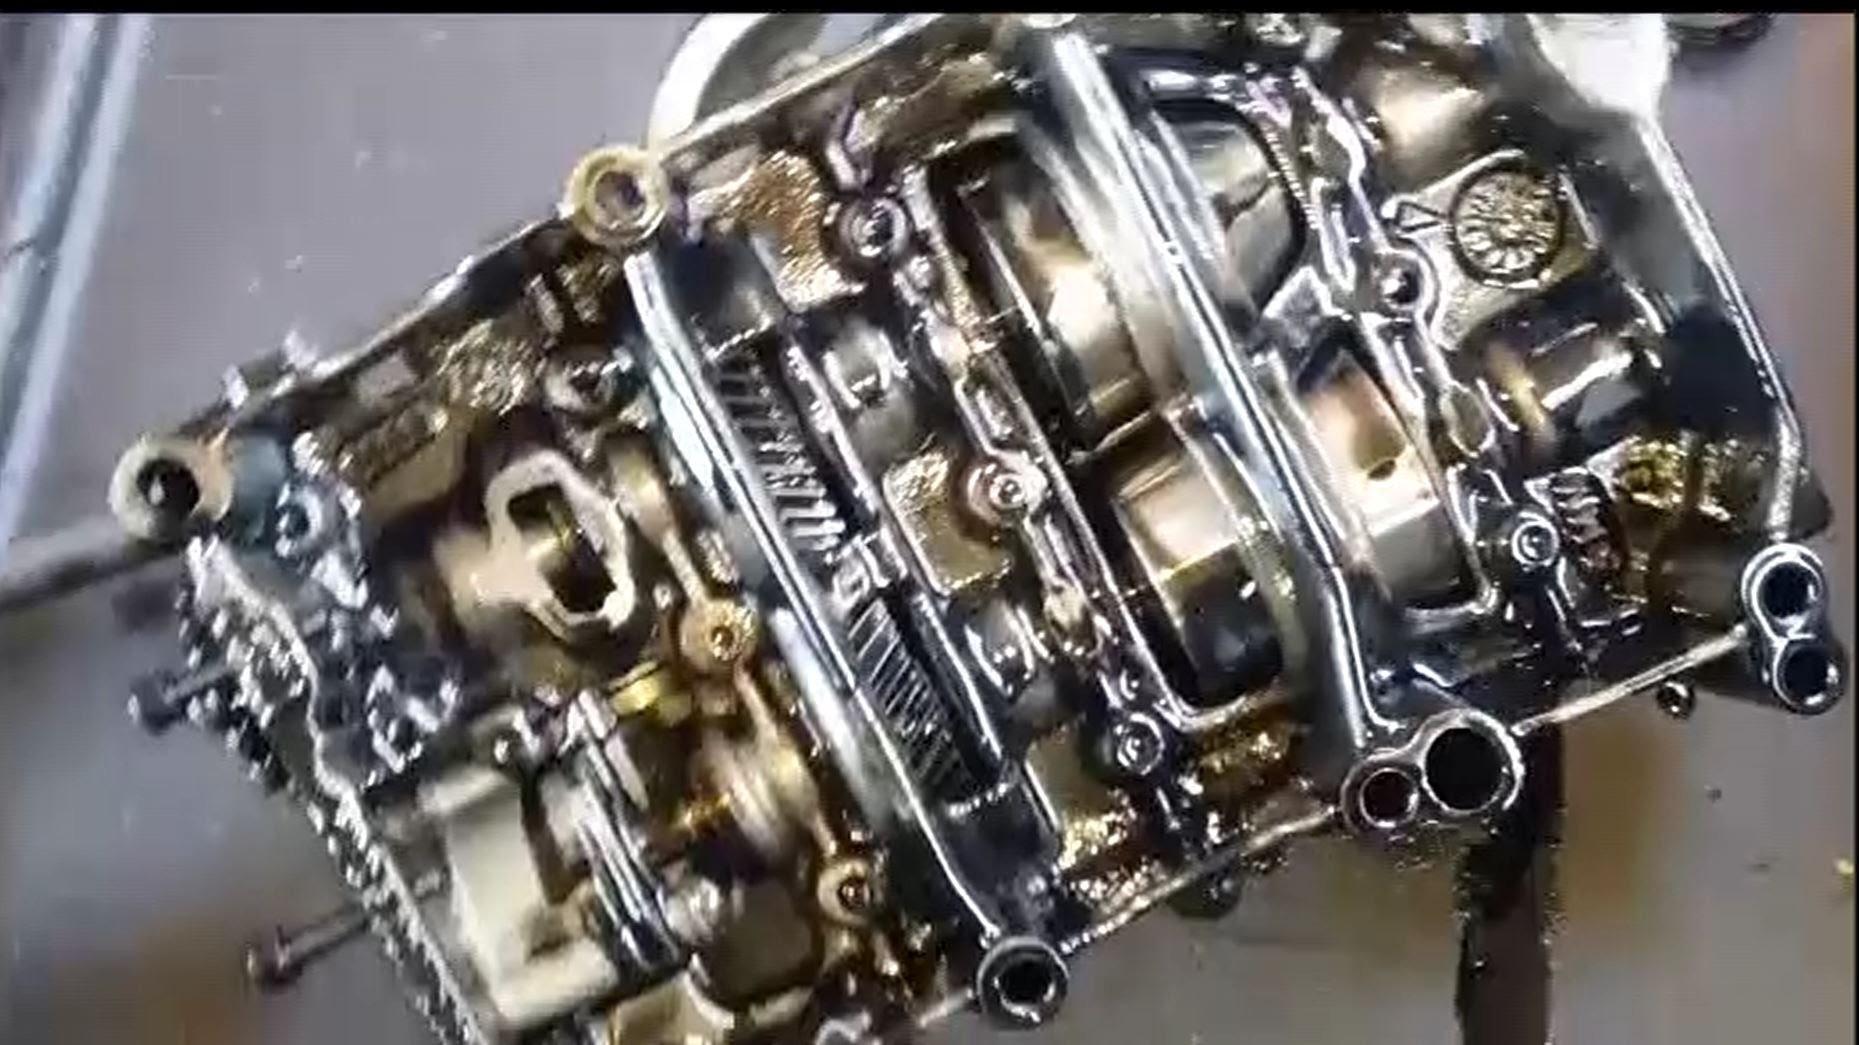 Vw Passat Engine Parts Diagram Vw Passat Tdi 2 0 Pd Bhw Oil Pump Conversion Diy Part 1 Of Vw Passat Engine Parts Diagram